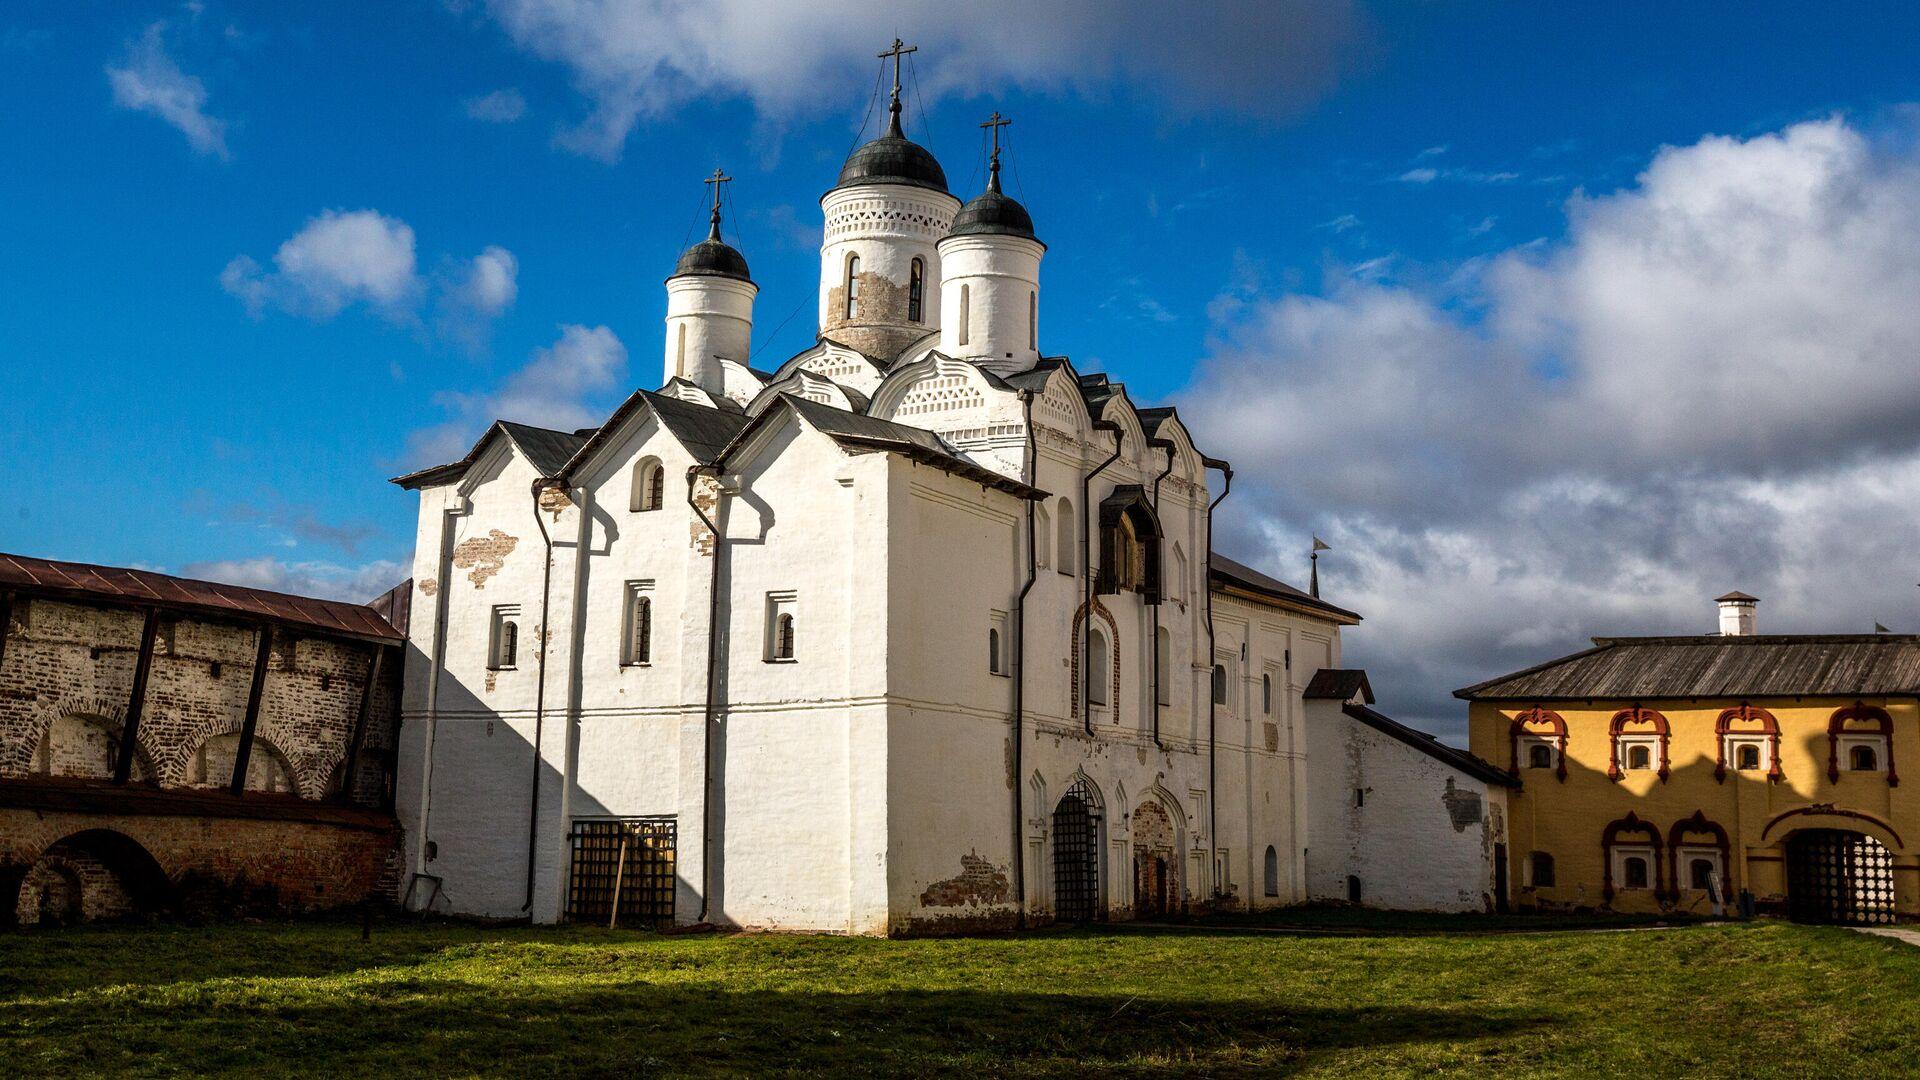 Kirilo-belozerski manastir - Sputnik Srbija, 1920, 15.09.2021